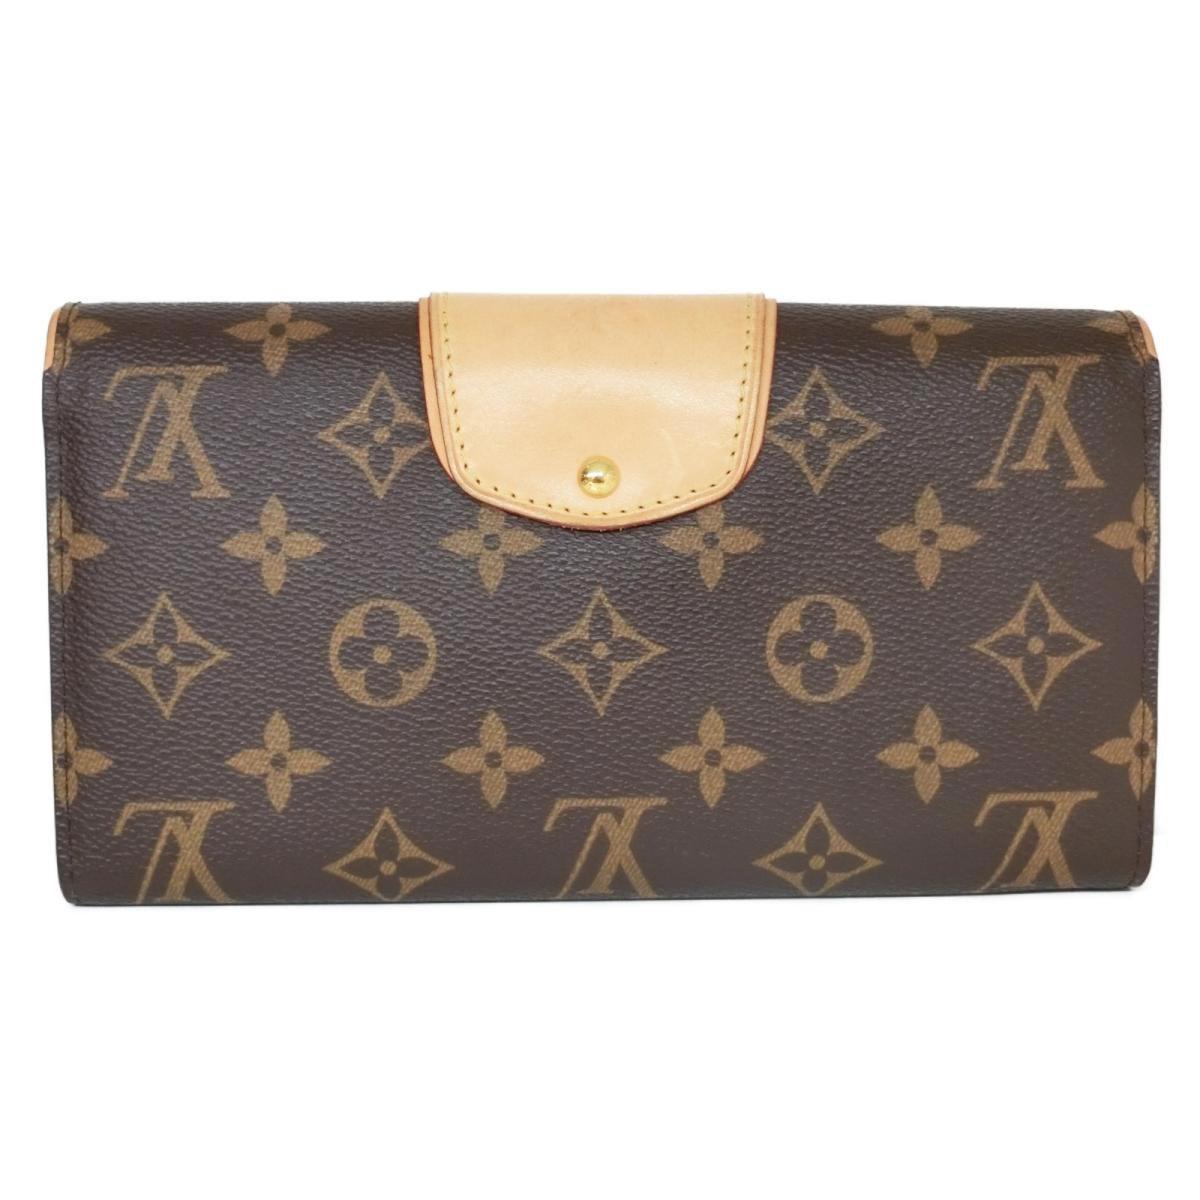 88f10dfbff27 Lyst - Louis Vuitton Authentic Portefeuille Boetie Wallet Purse ...